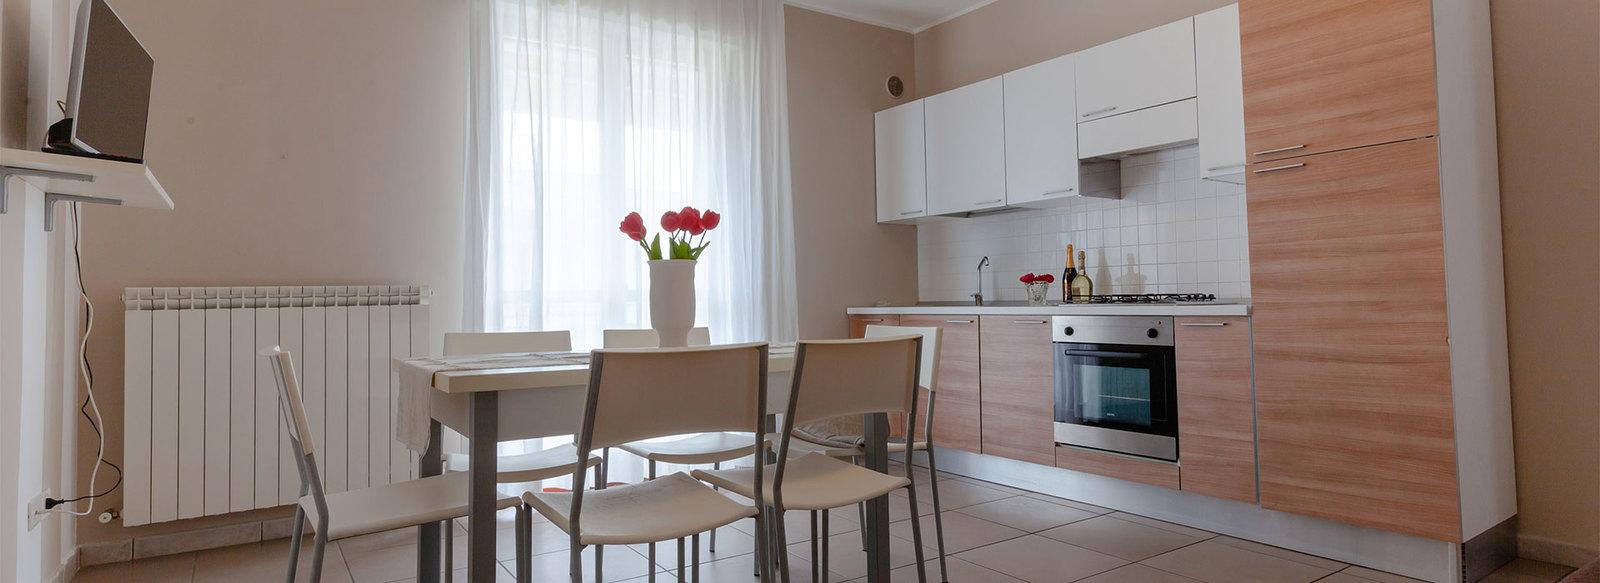 relax con tutti i comfort in appartamenti rinnovati e servizio spiaggia incluso